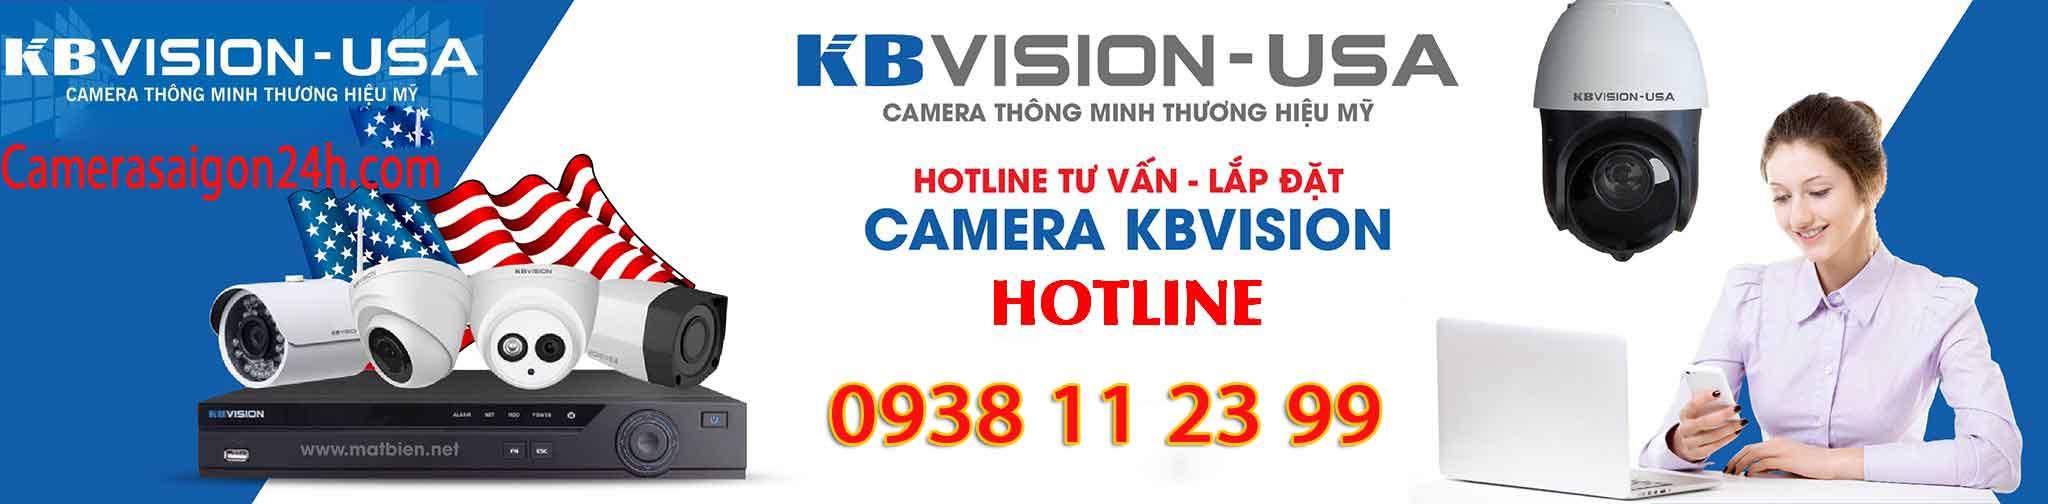 báo giá lắp camera kbvision giá rẻ chất lượng dịch vụ tốt nhất